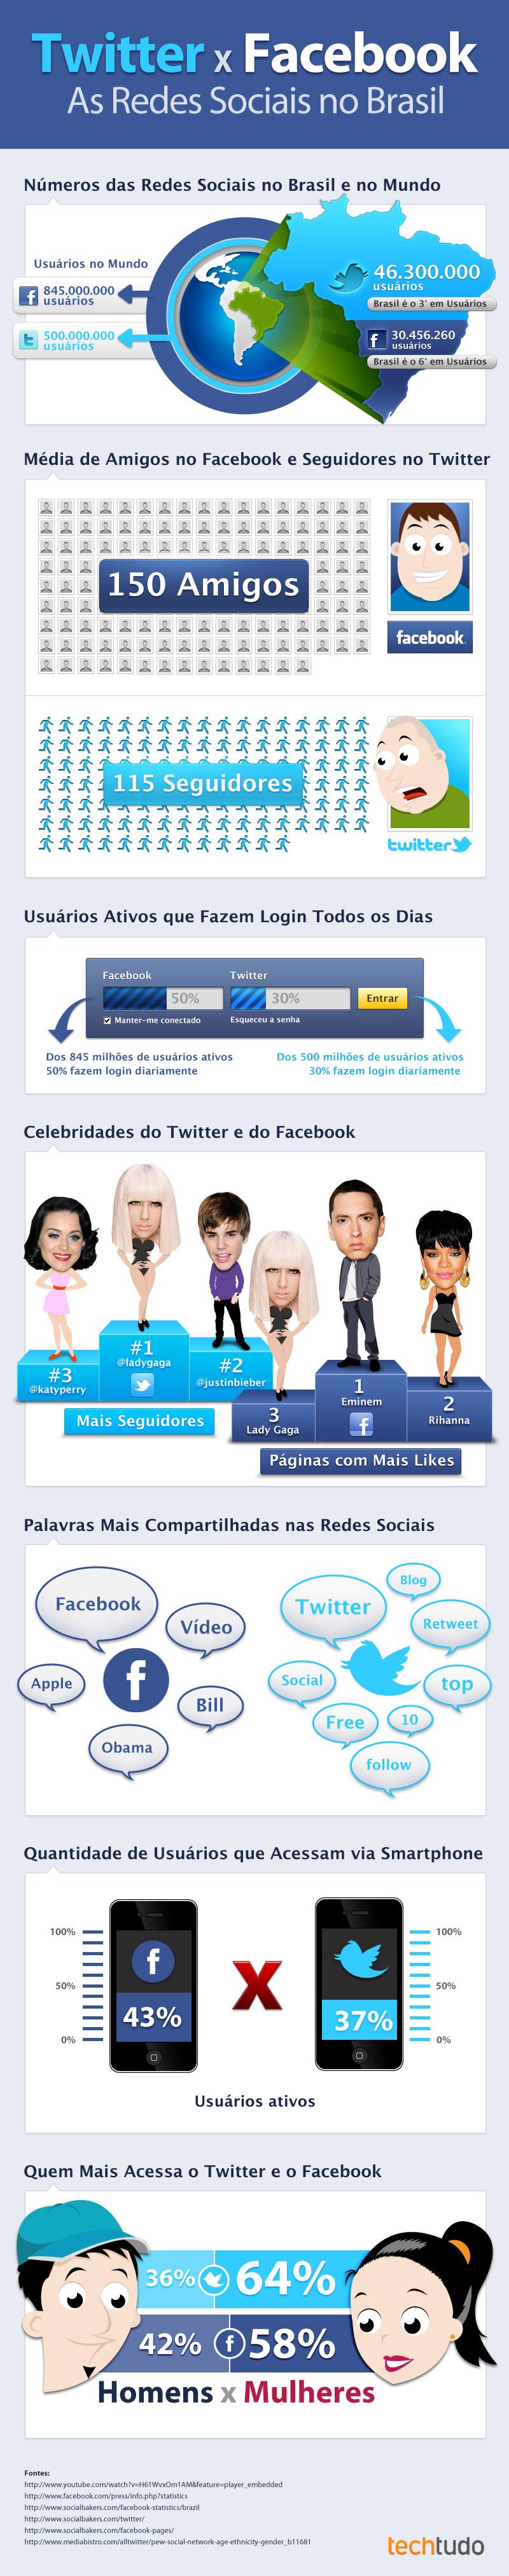 twitter y facebook en brasil